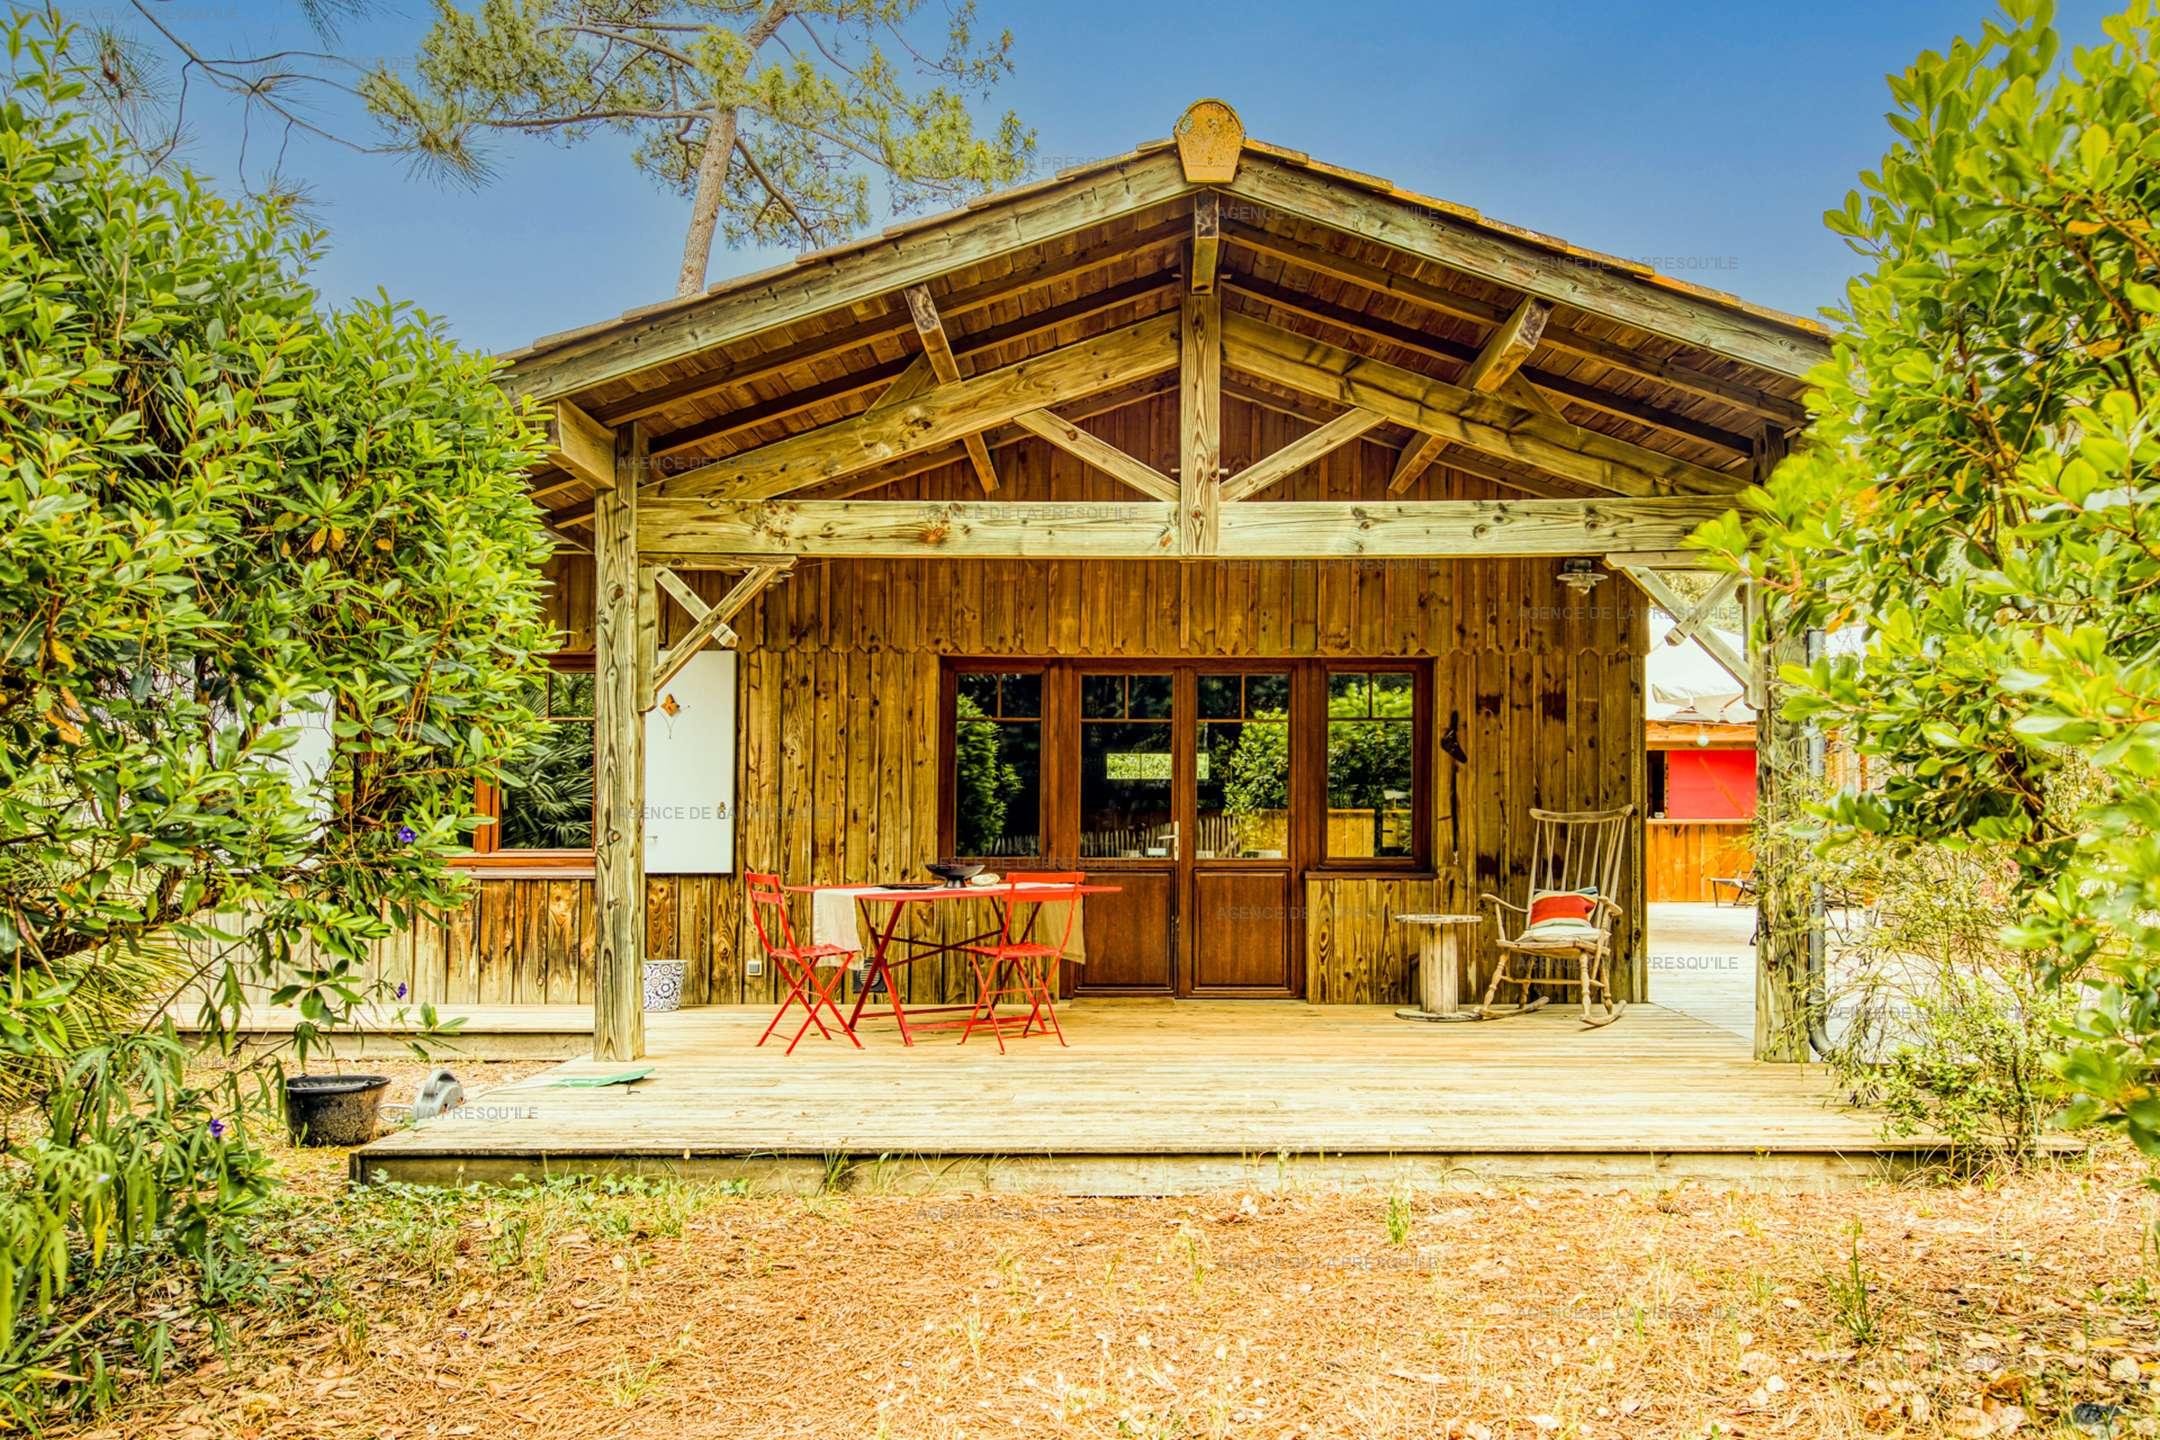 Location: Belle villa en bois au pied du phare 2